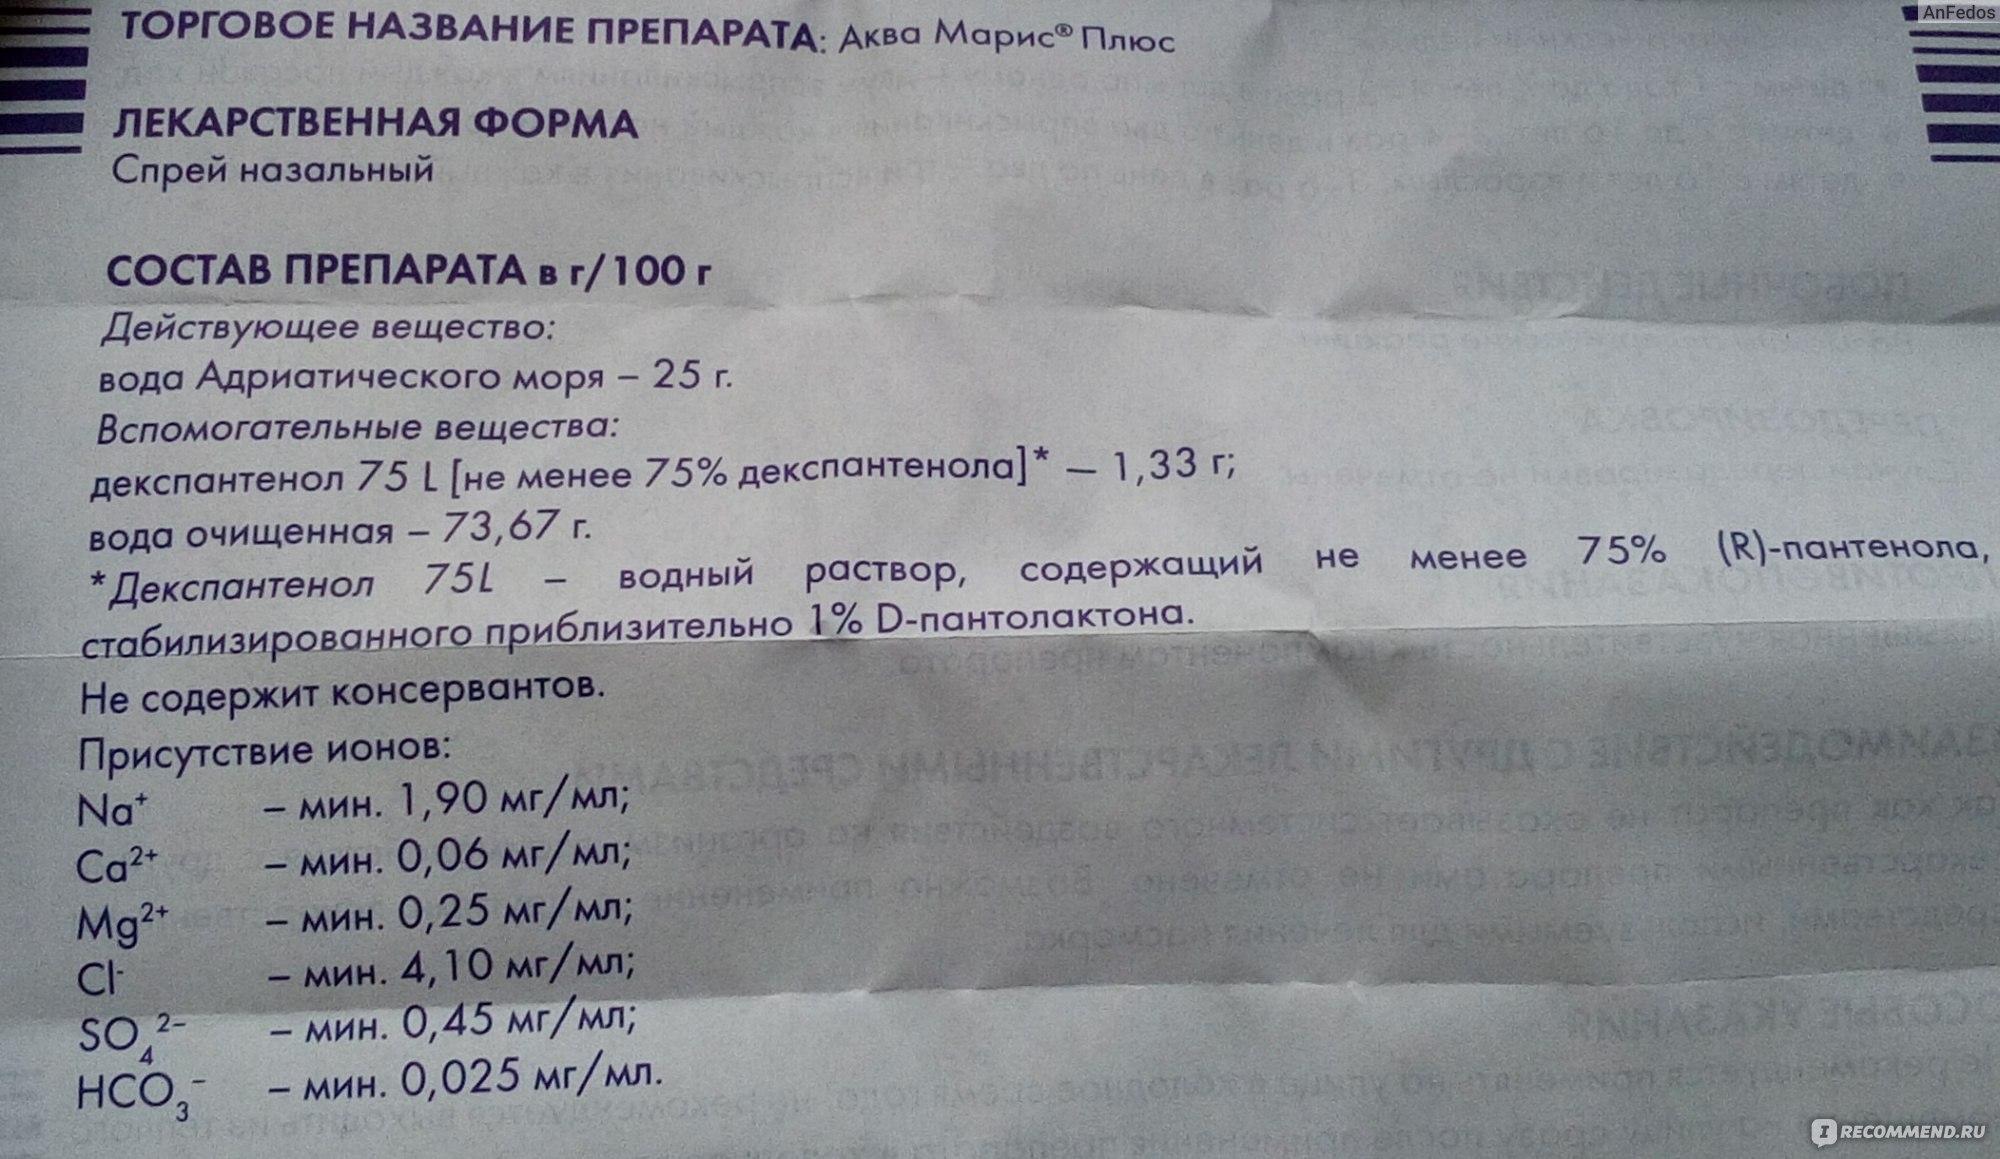 аквамарис плюс спрей инструкция по применению